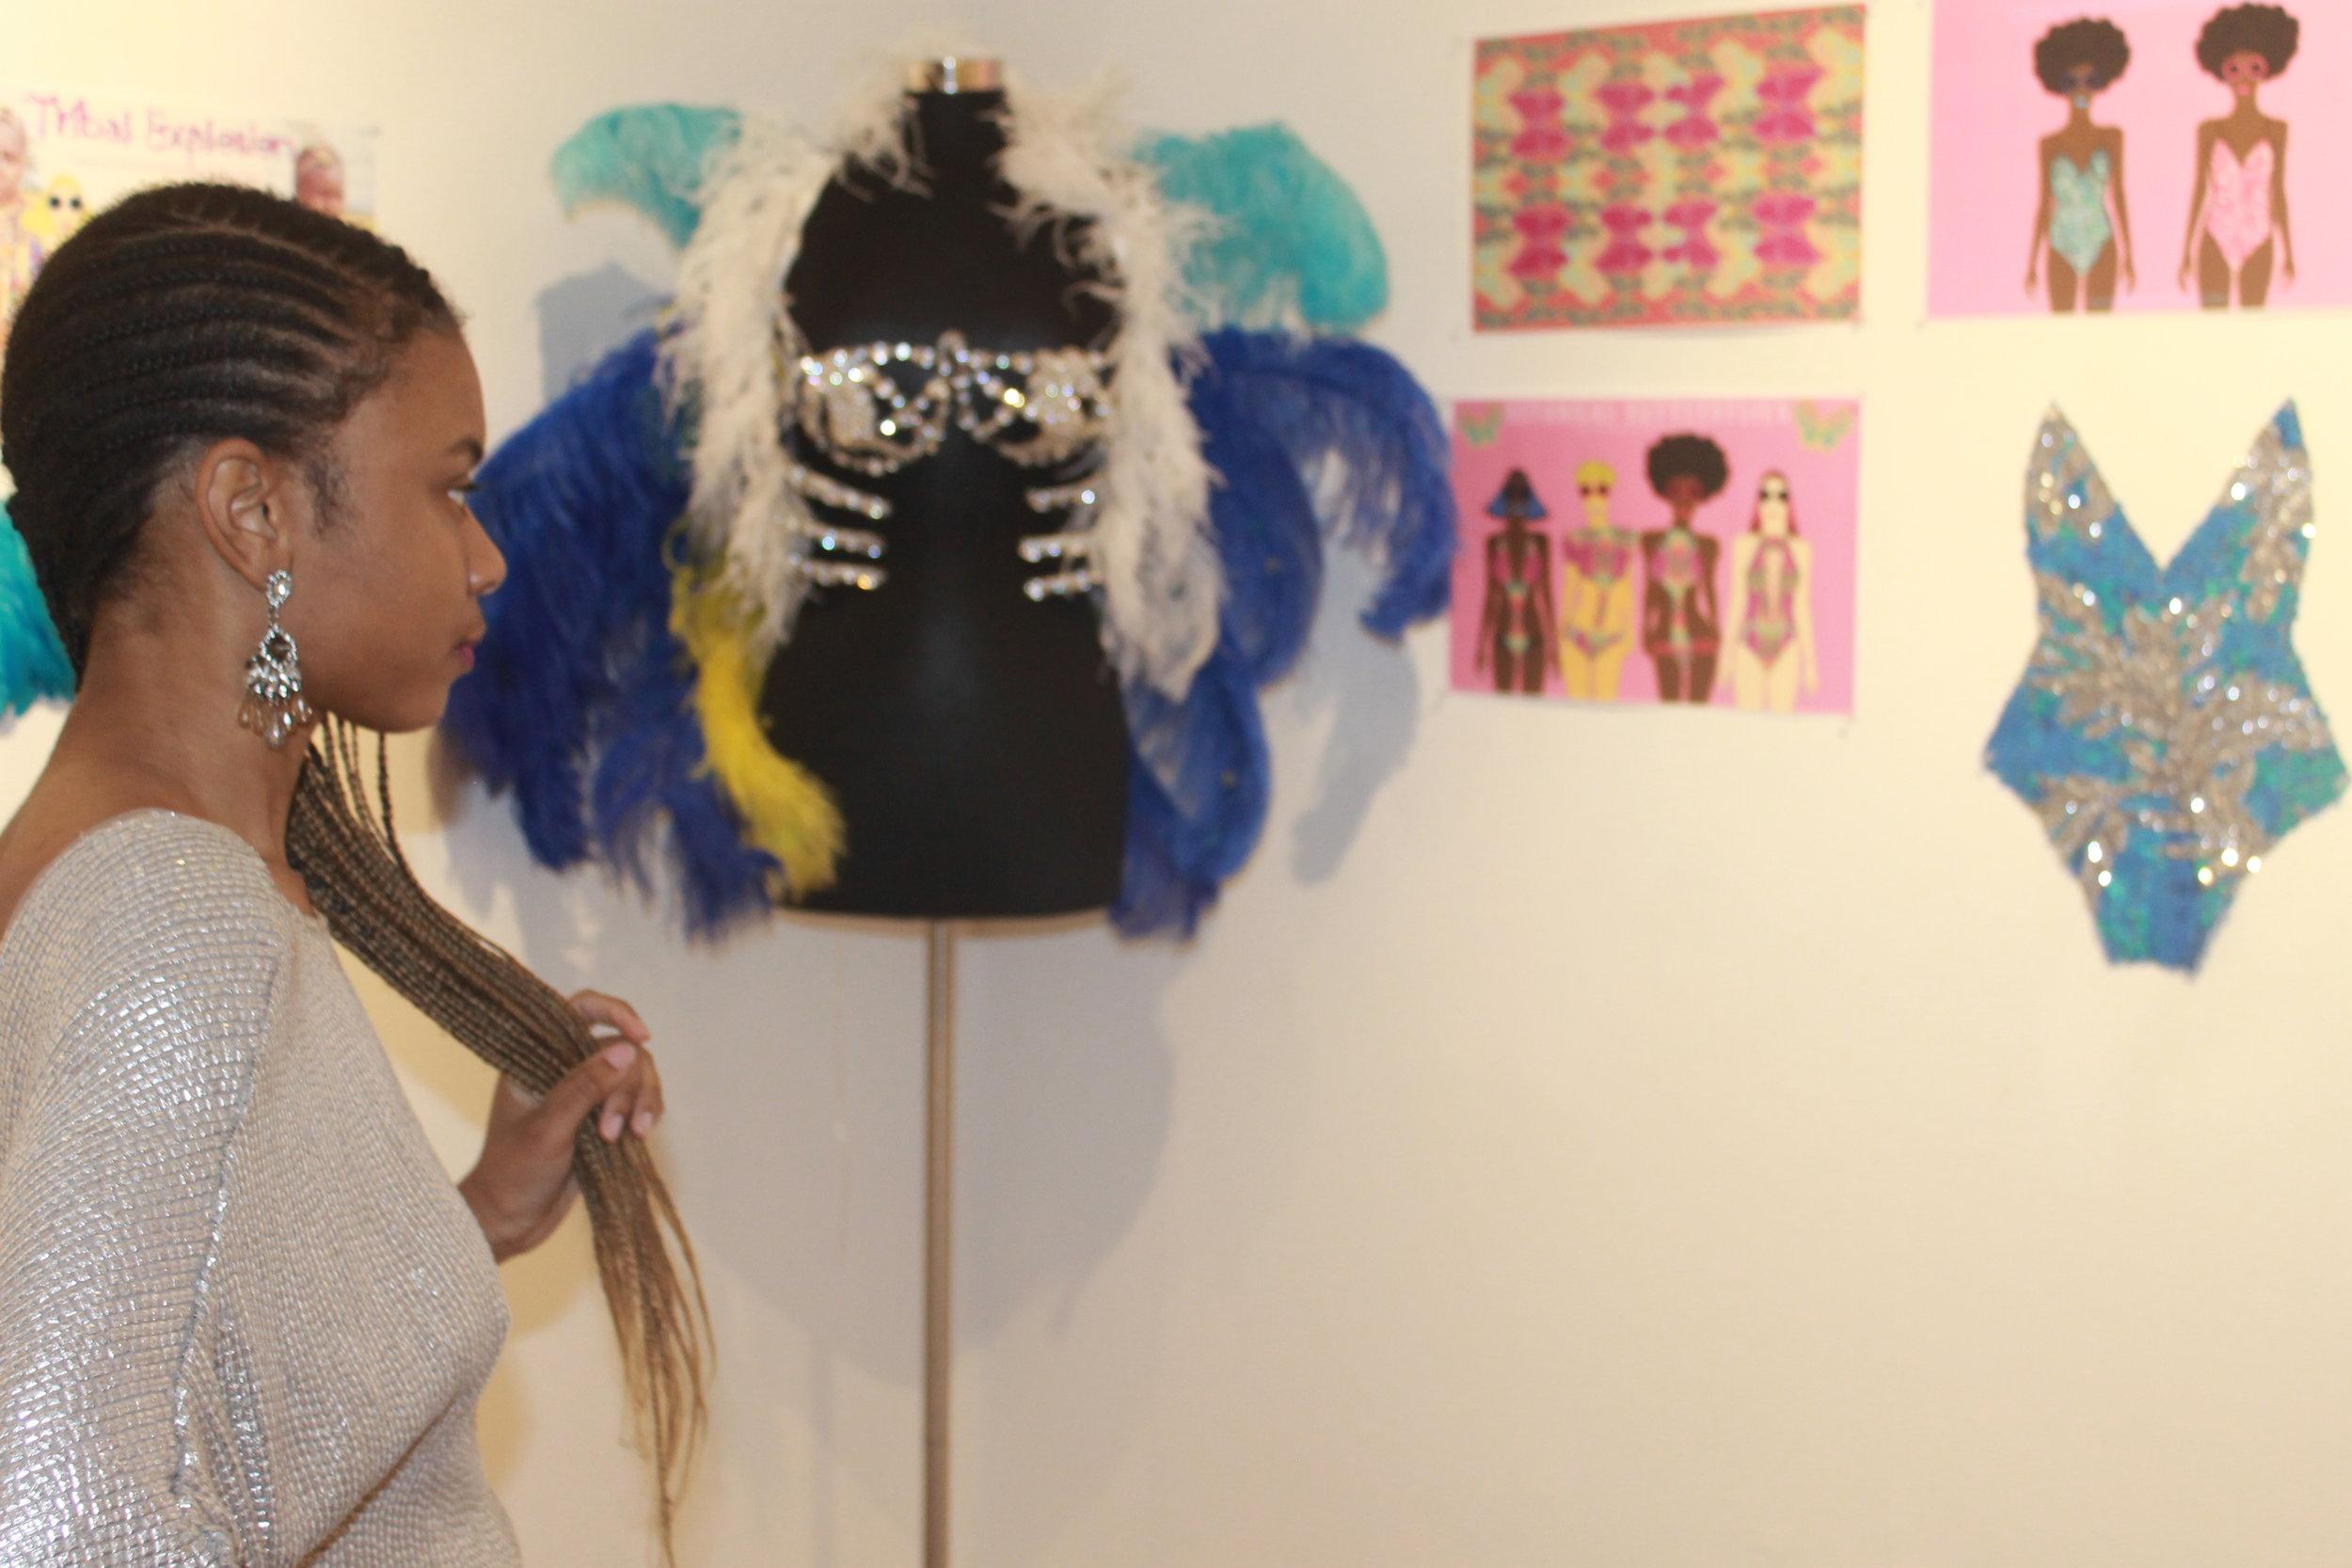 Shahedah observing her work